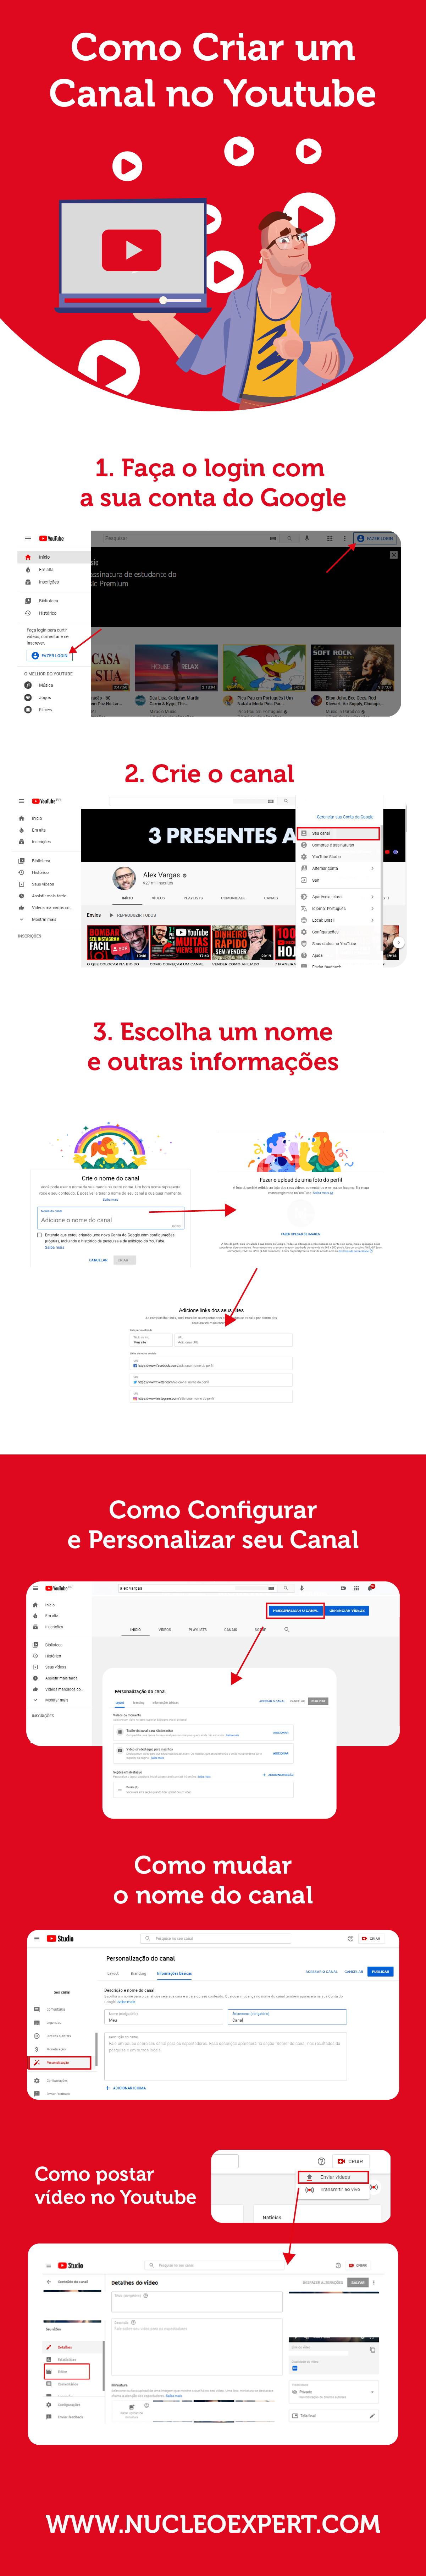 infográfico - Como Criar um Canal no YouTube